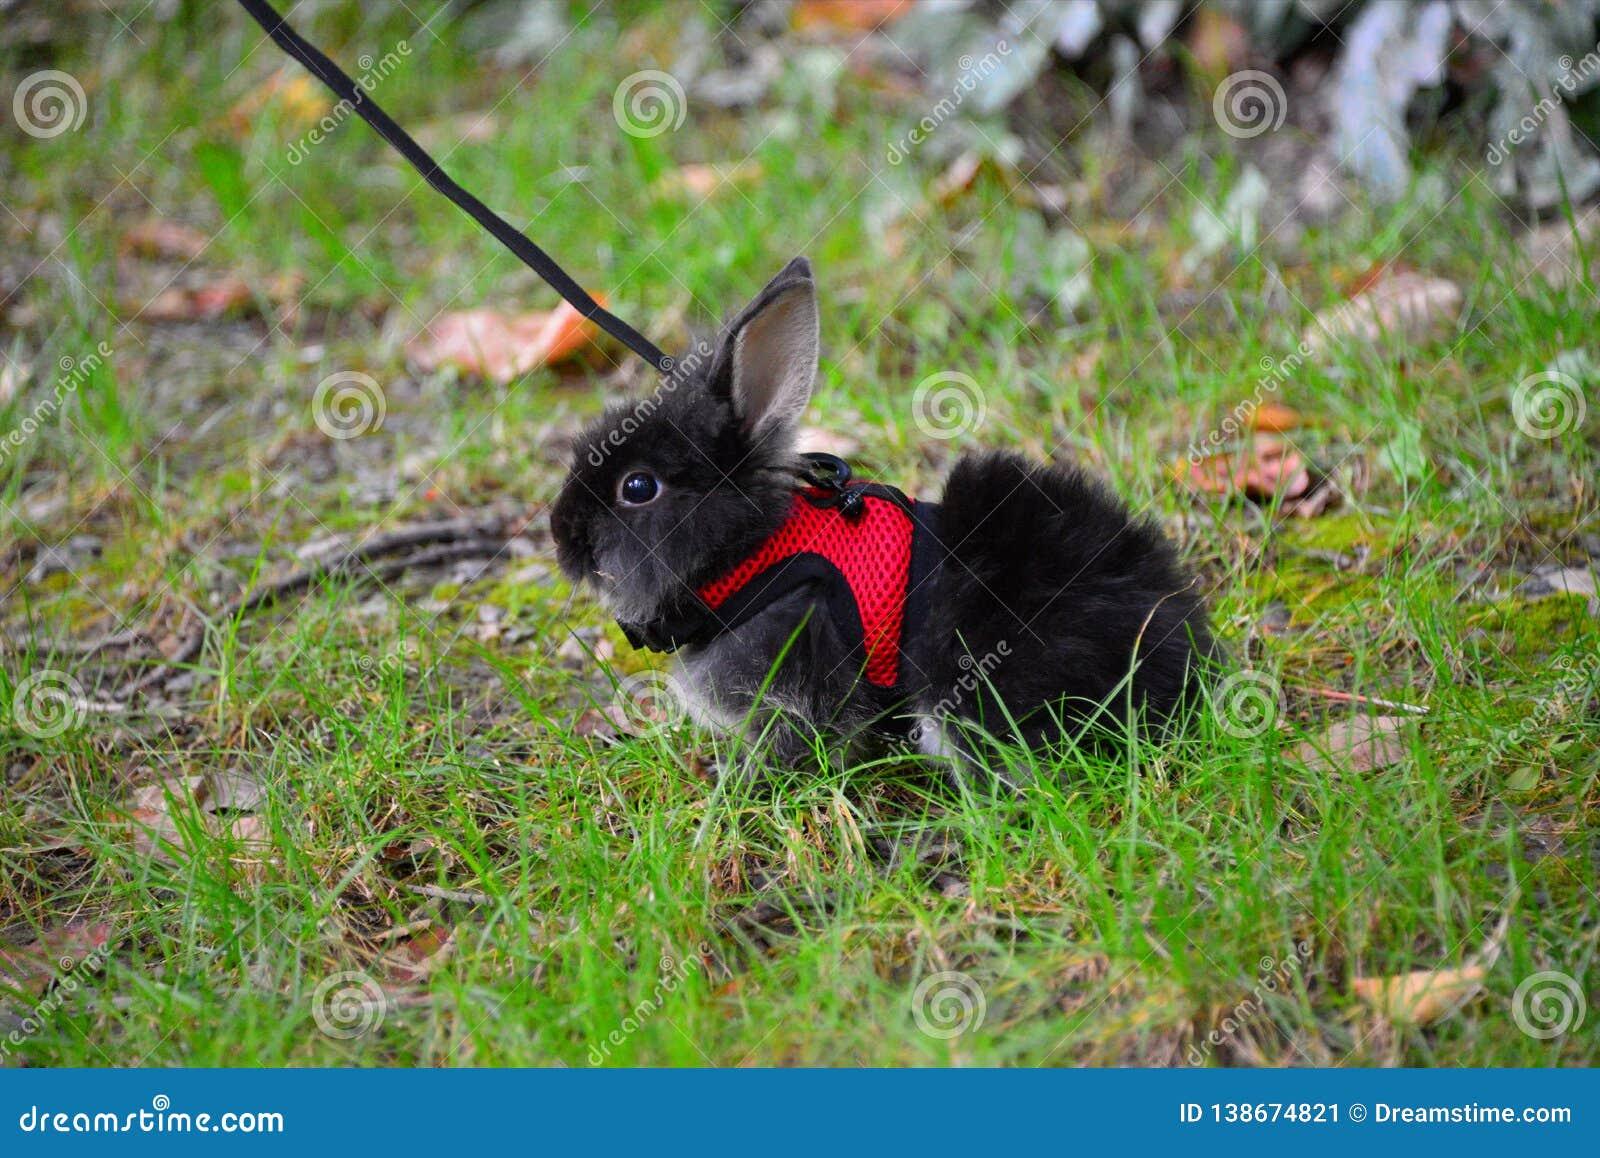 Śliczny mały czarny królik w zielonej trawie w parku